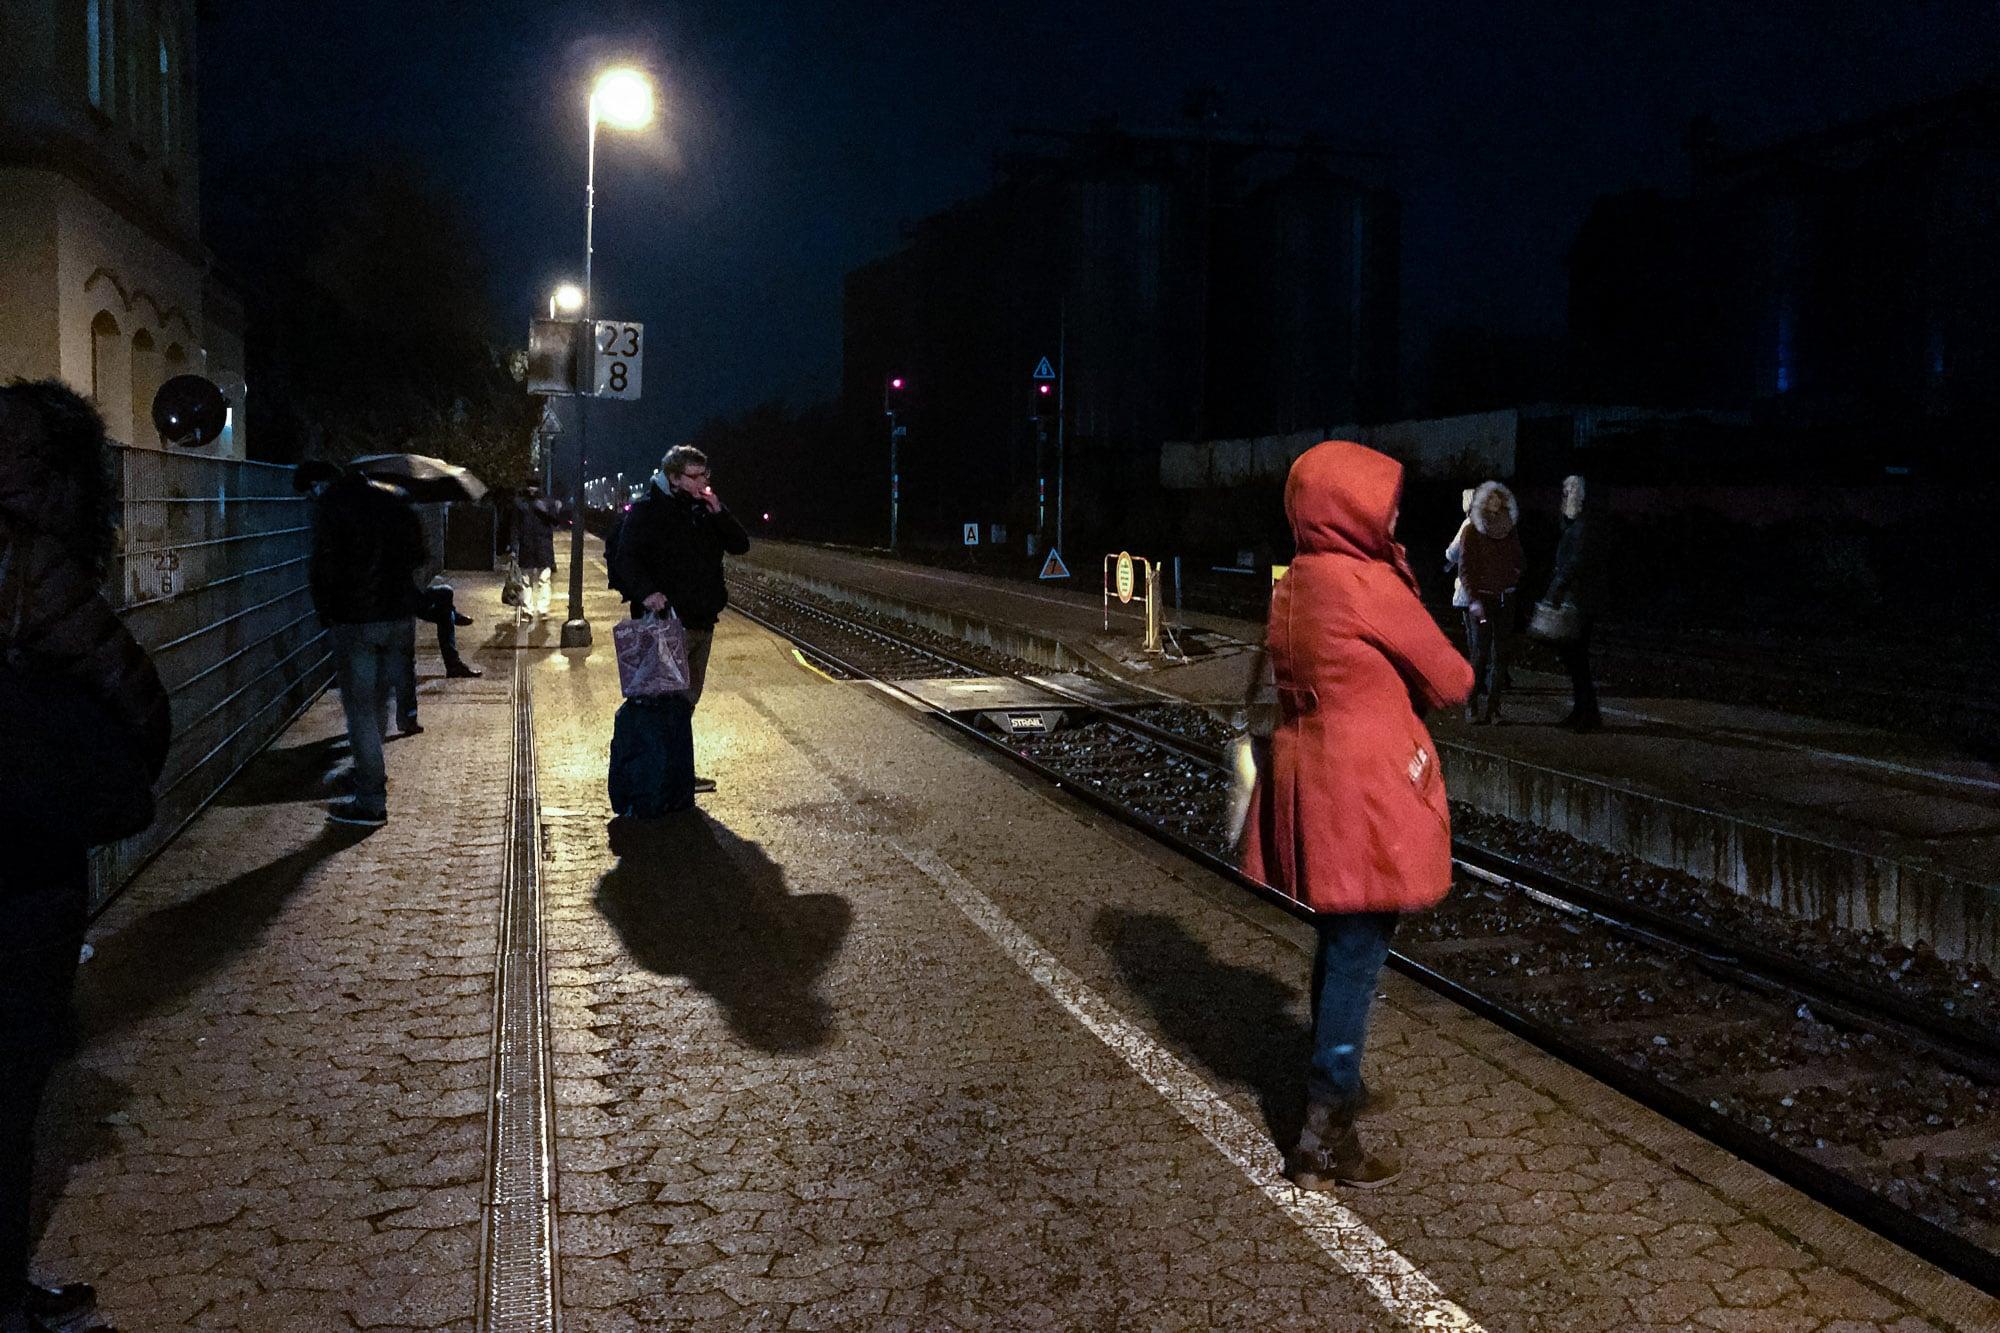 Deutsche Bahn fail